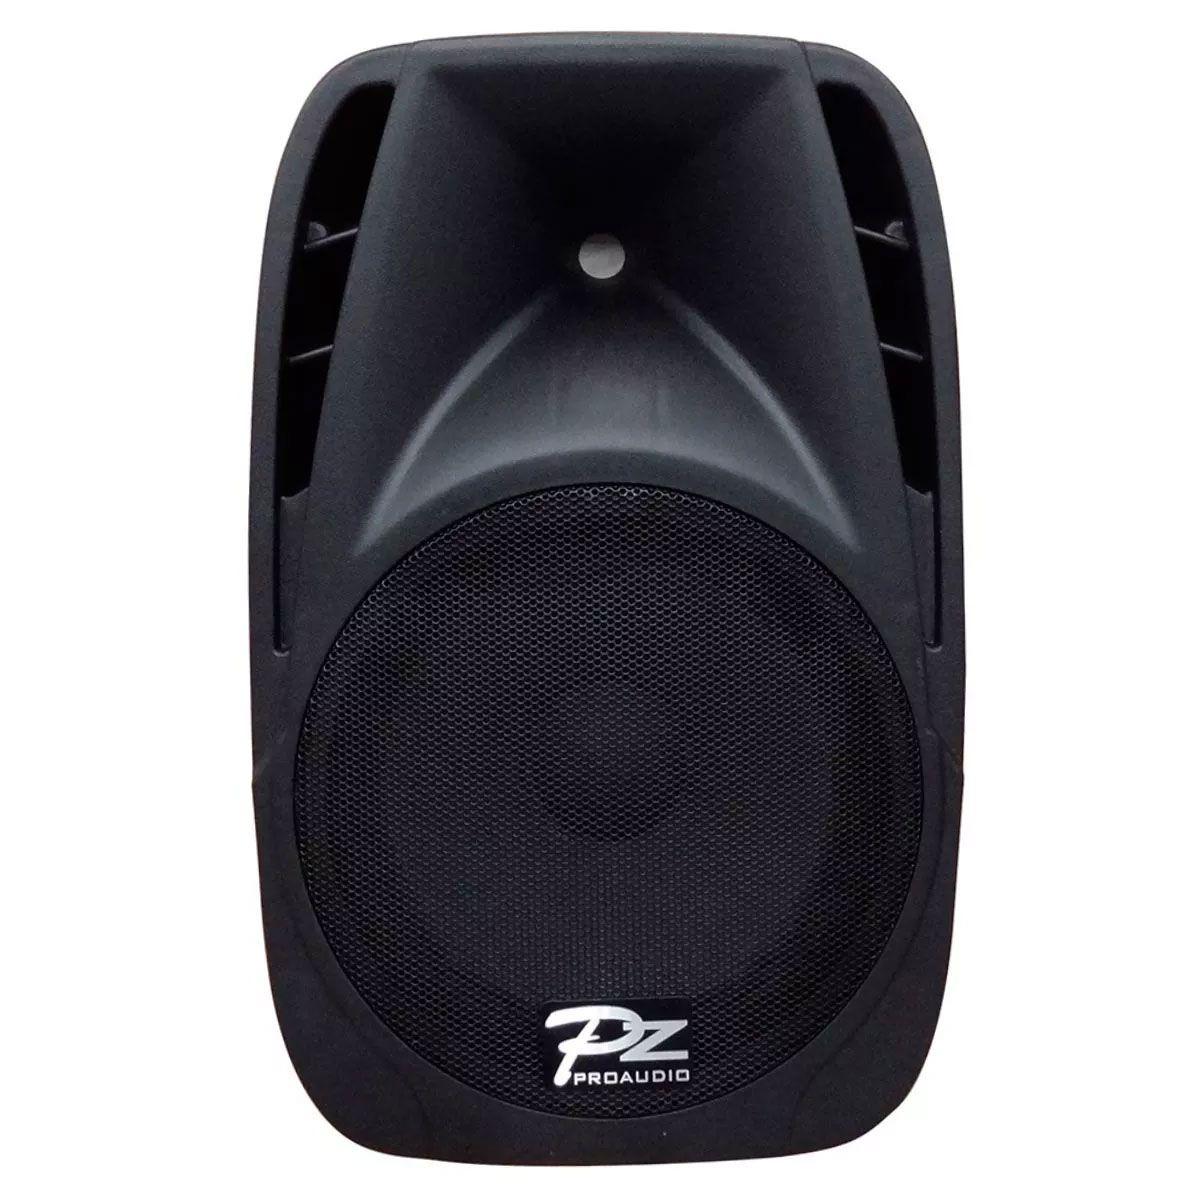 Caixa Amplificada Pz Proaudio Px12a Bluet Usb/Sd/Fm,Fal12 Disp.Dig.Cont.Rem.Ativa Alim.Pass. 150wrms